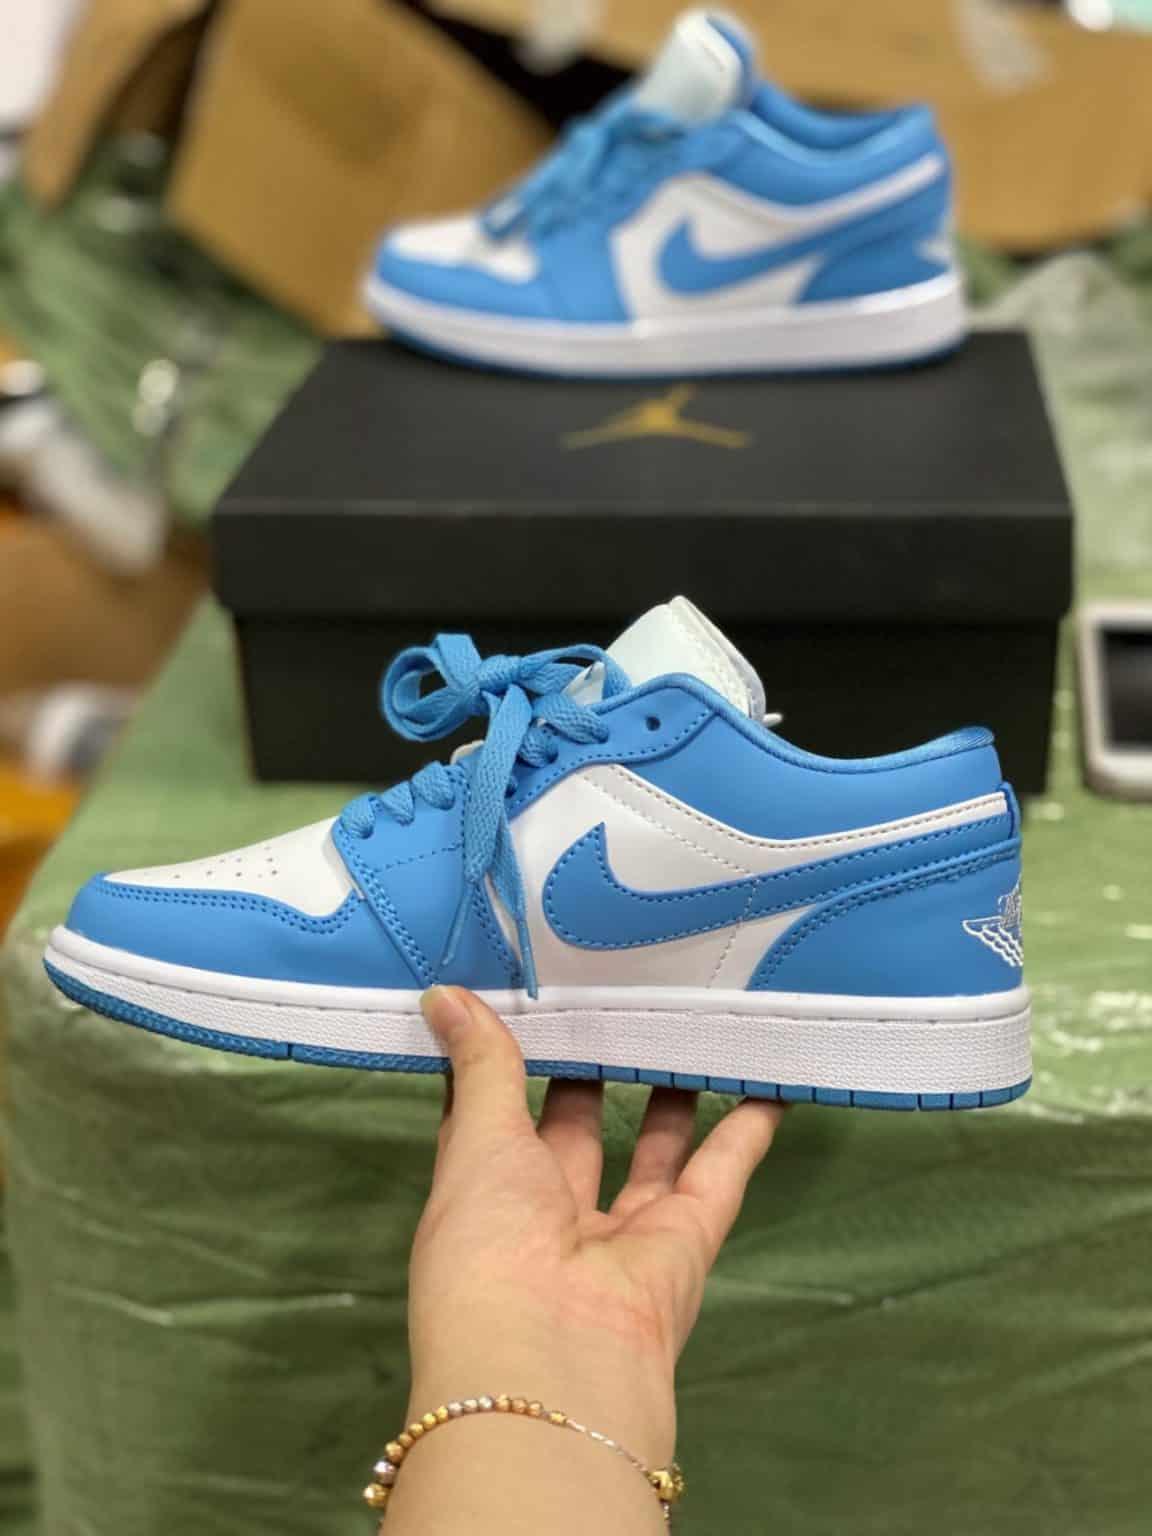 Giày Jordan 1 Low Cam rep 1:1 nâng niu từng bước đi của bạn